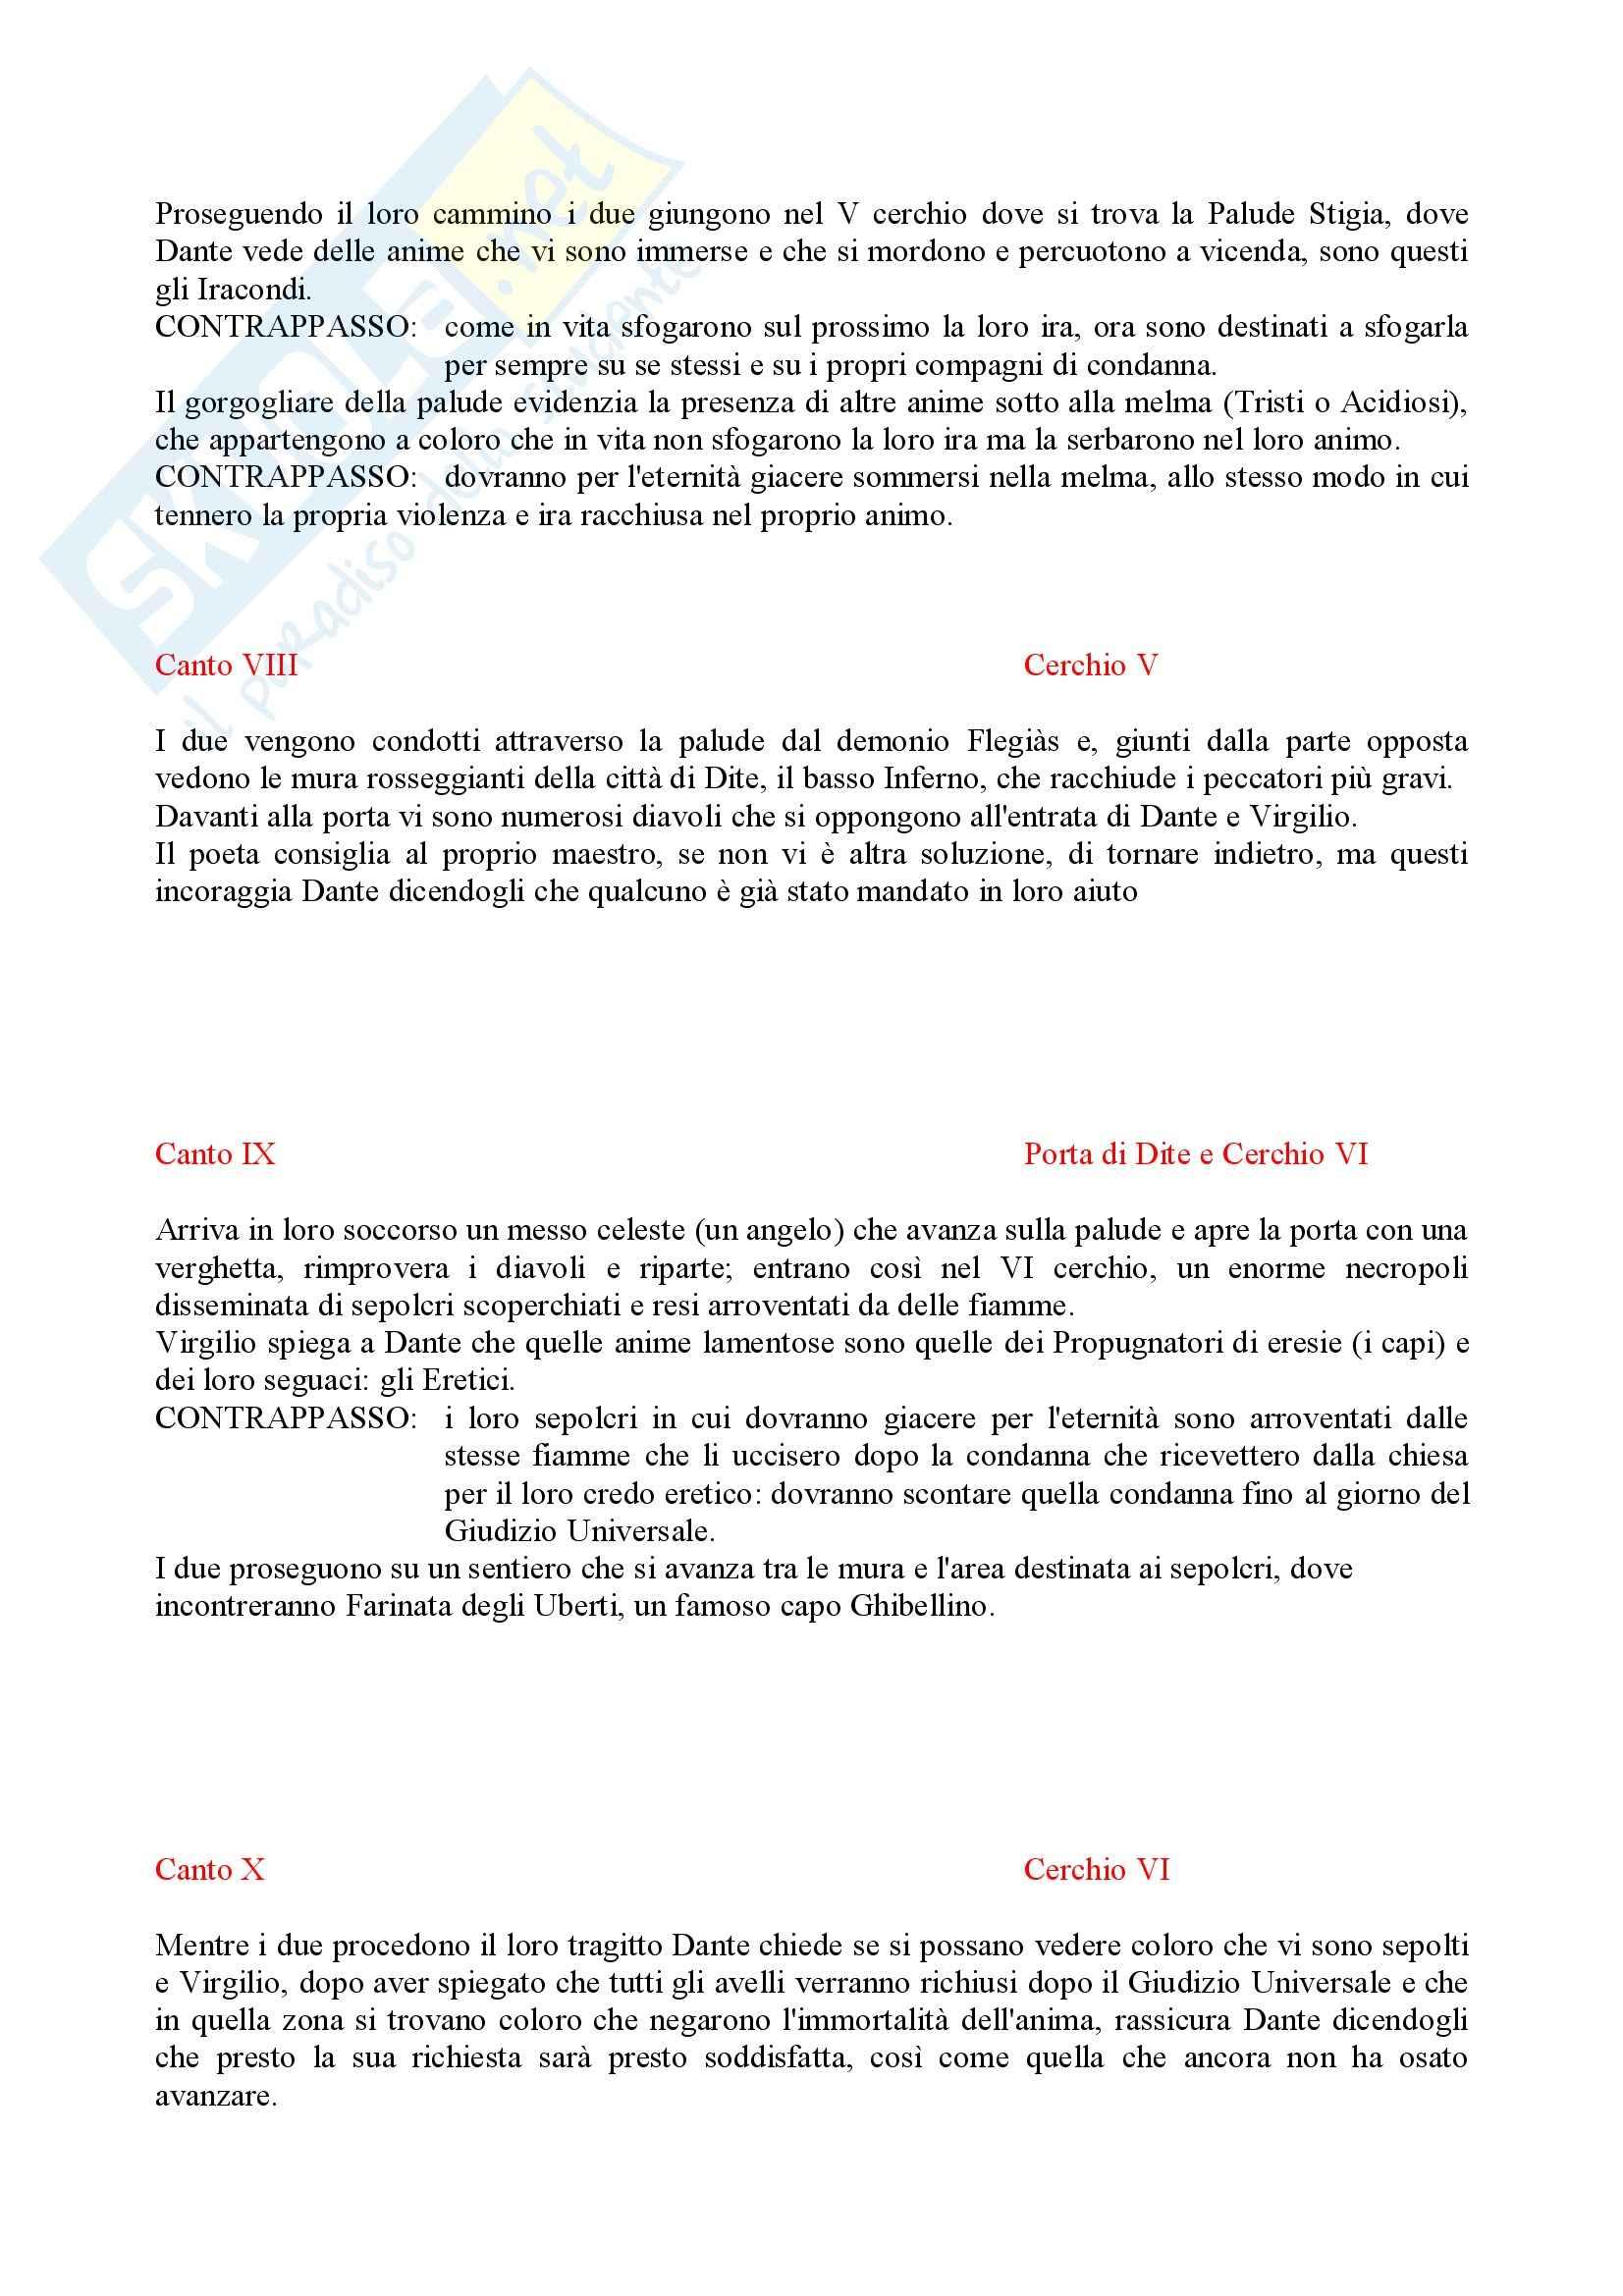 Divina commedia, Inferno - Riassunto, prof. Tateo Pag. 6